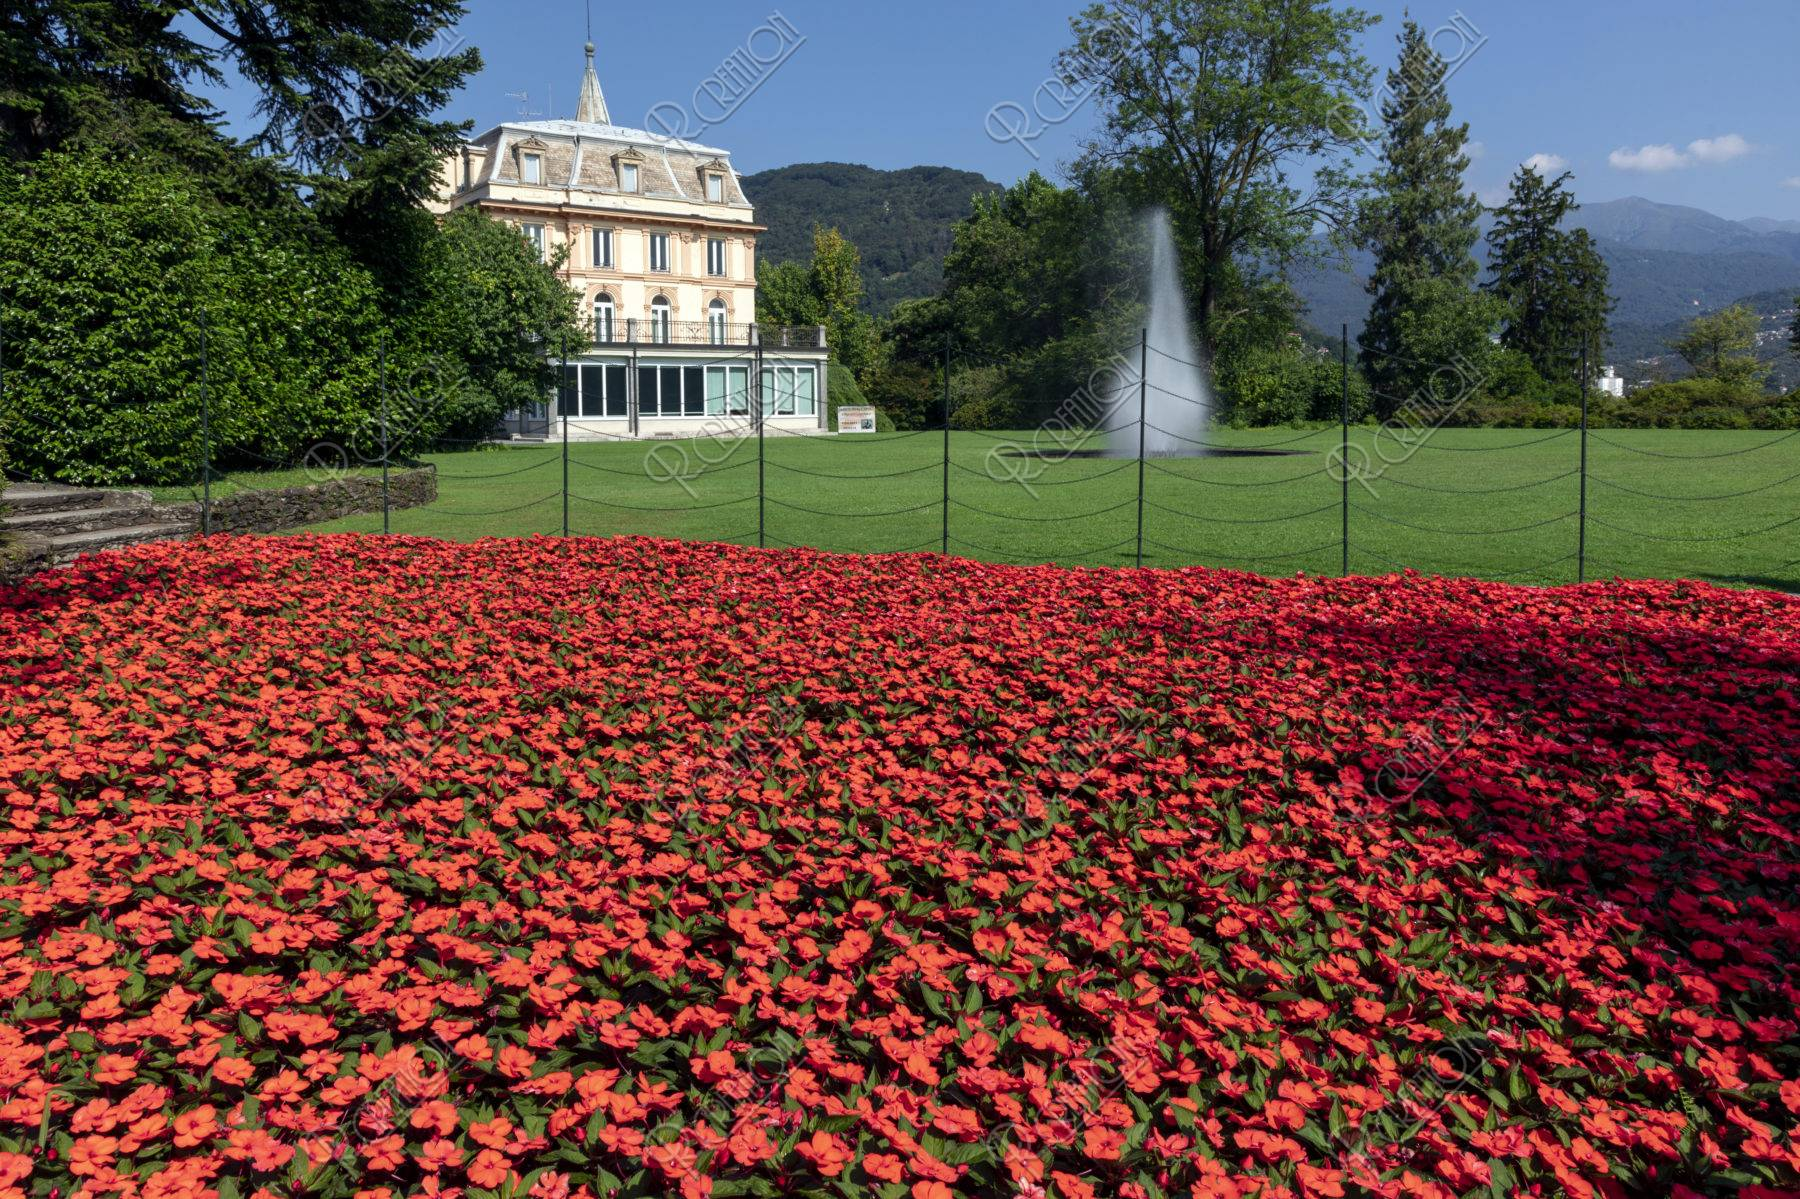 ターラント邸庭園